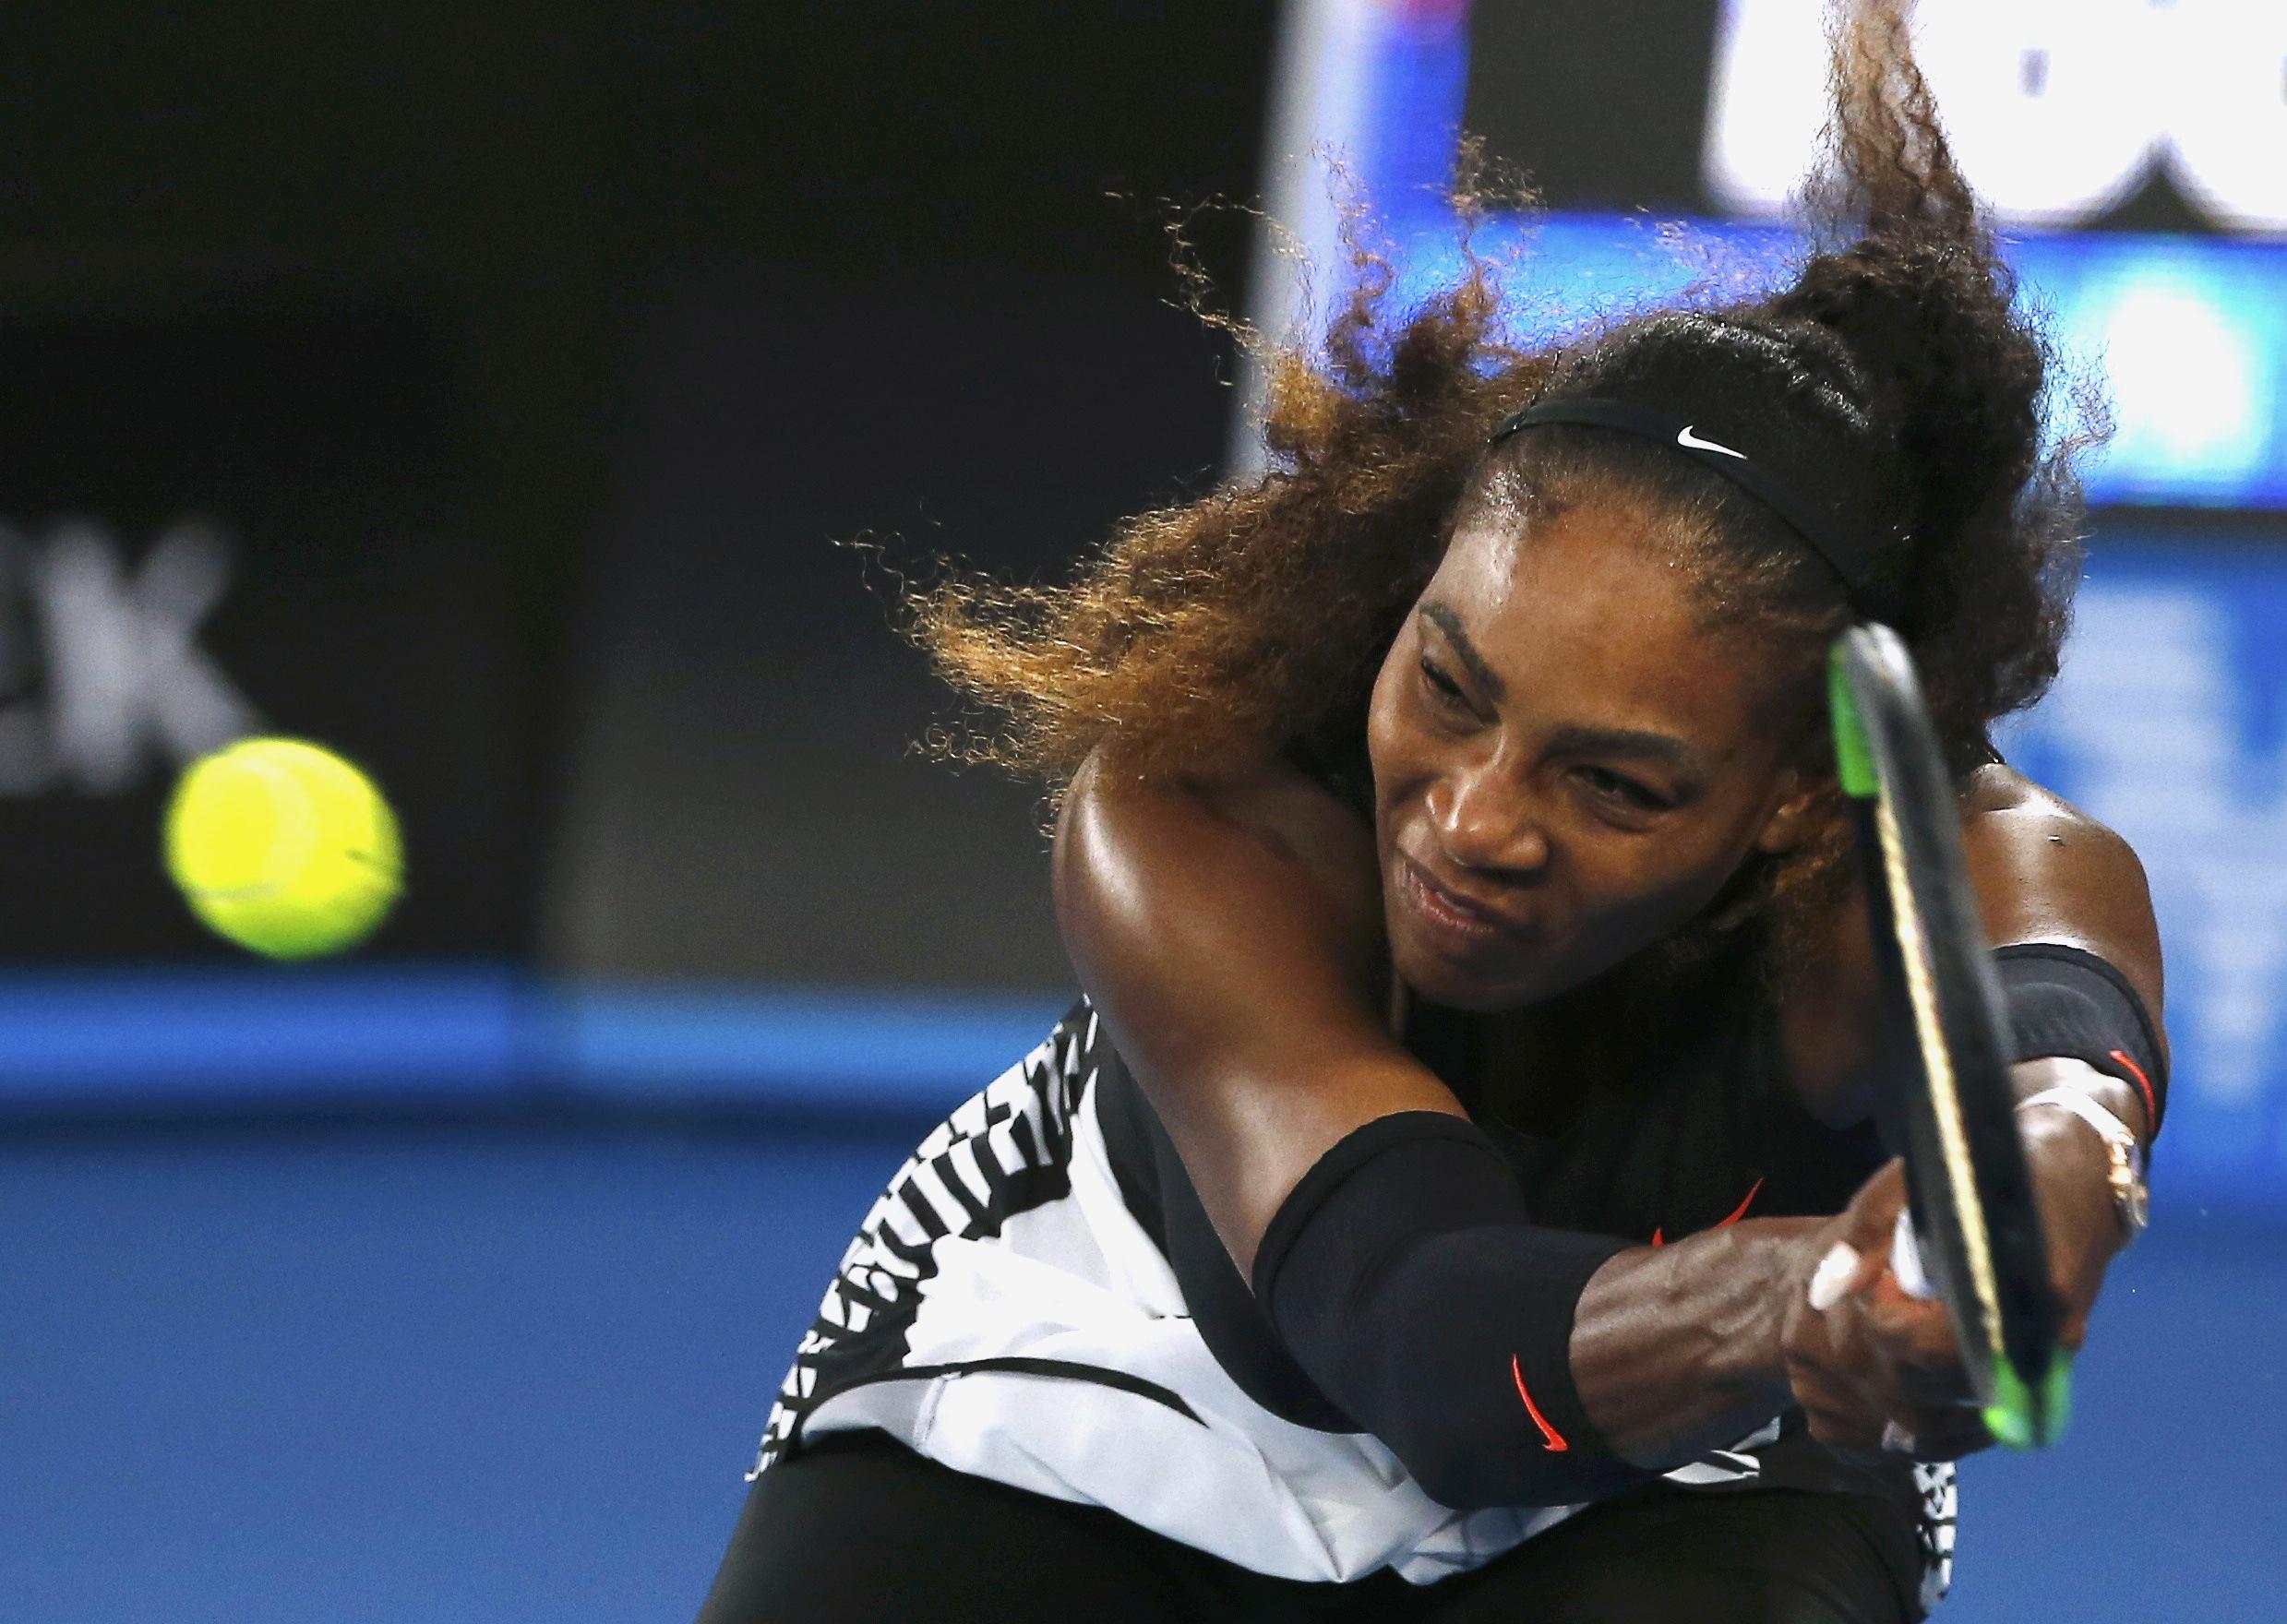 سيرينا وليامز فازت فى نهائي البطولة على شيقتها فينوس